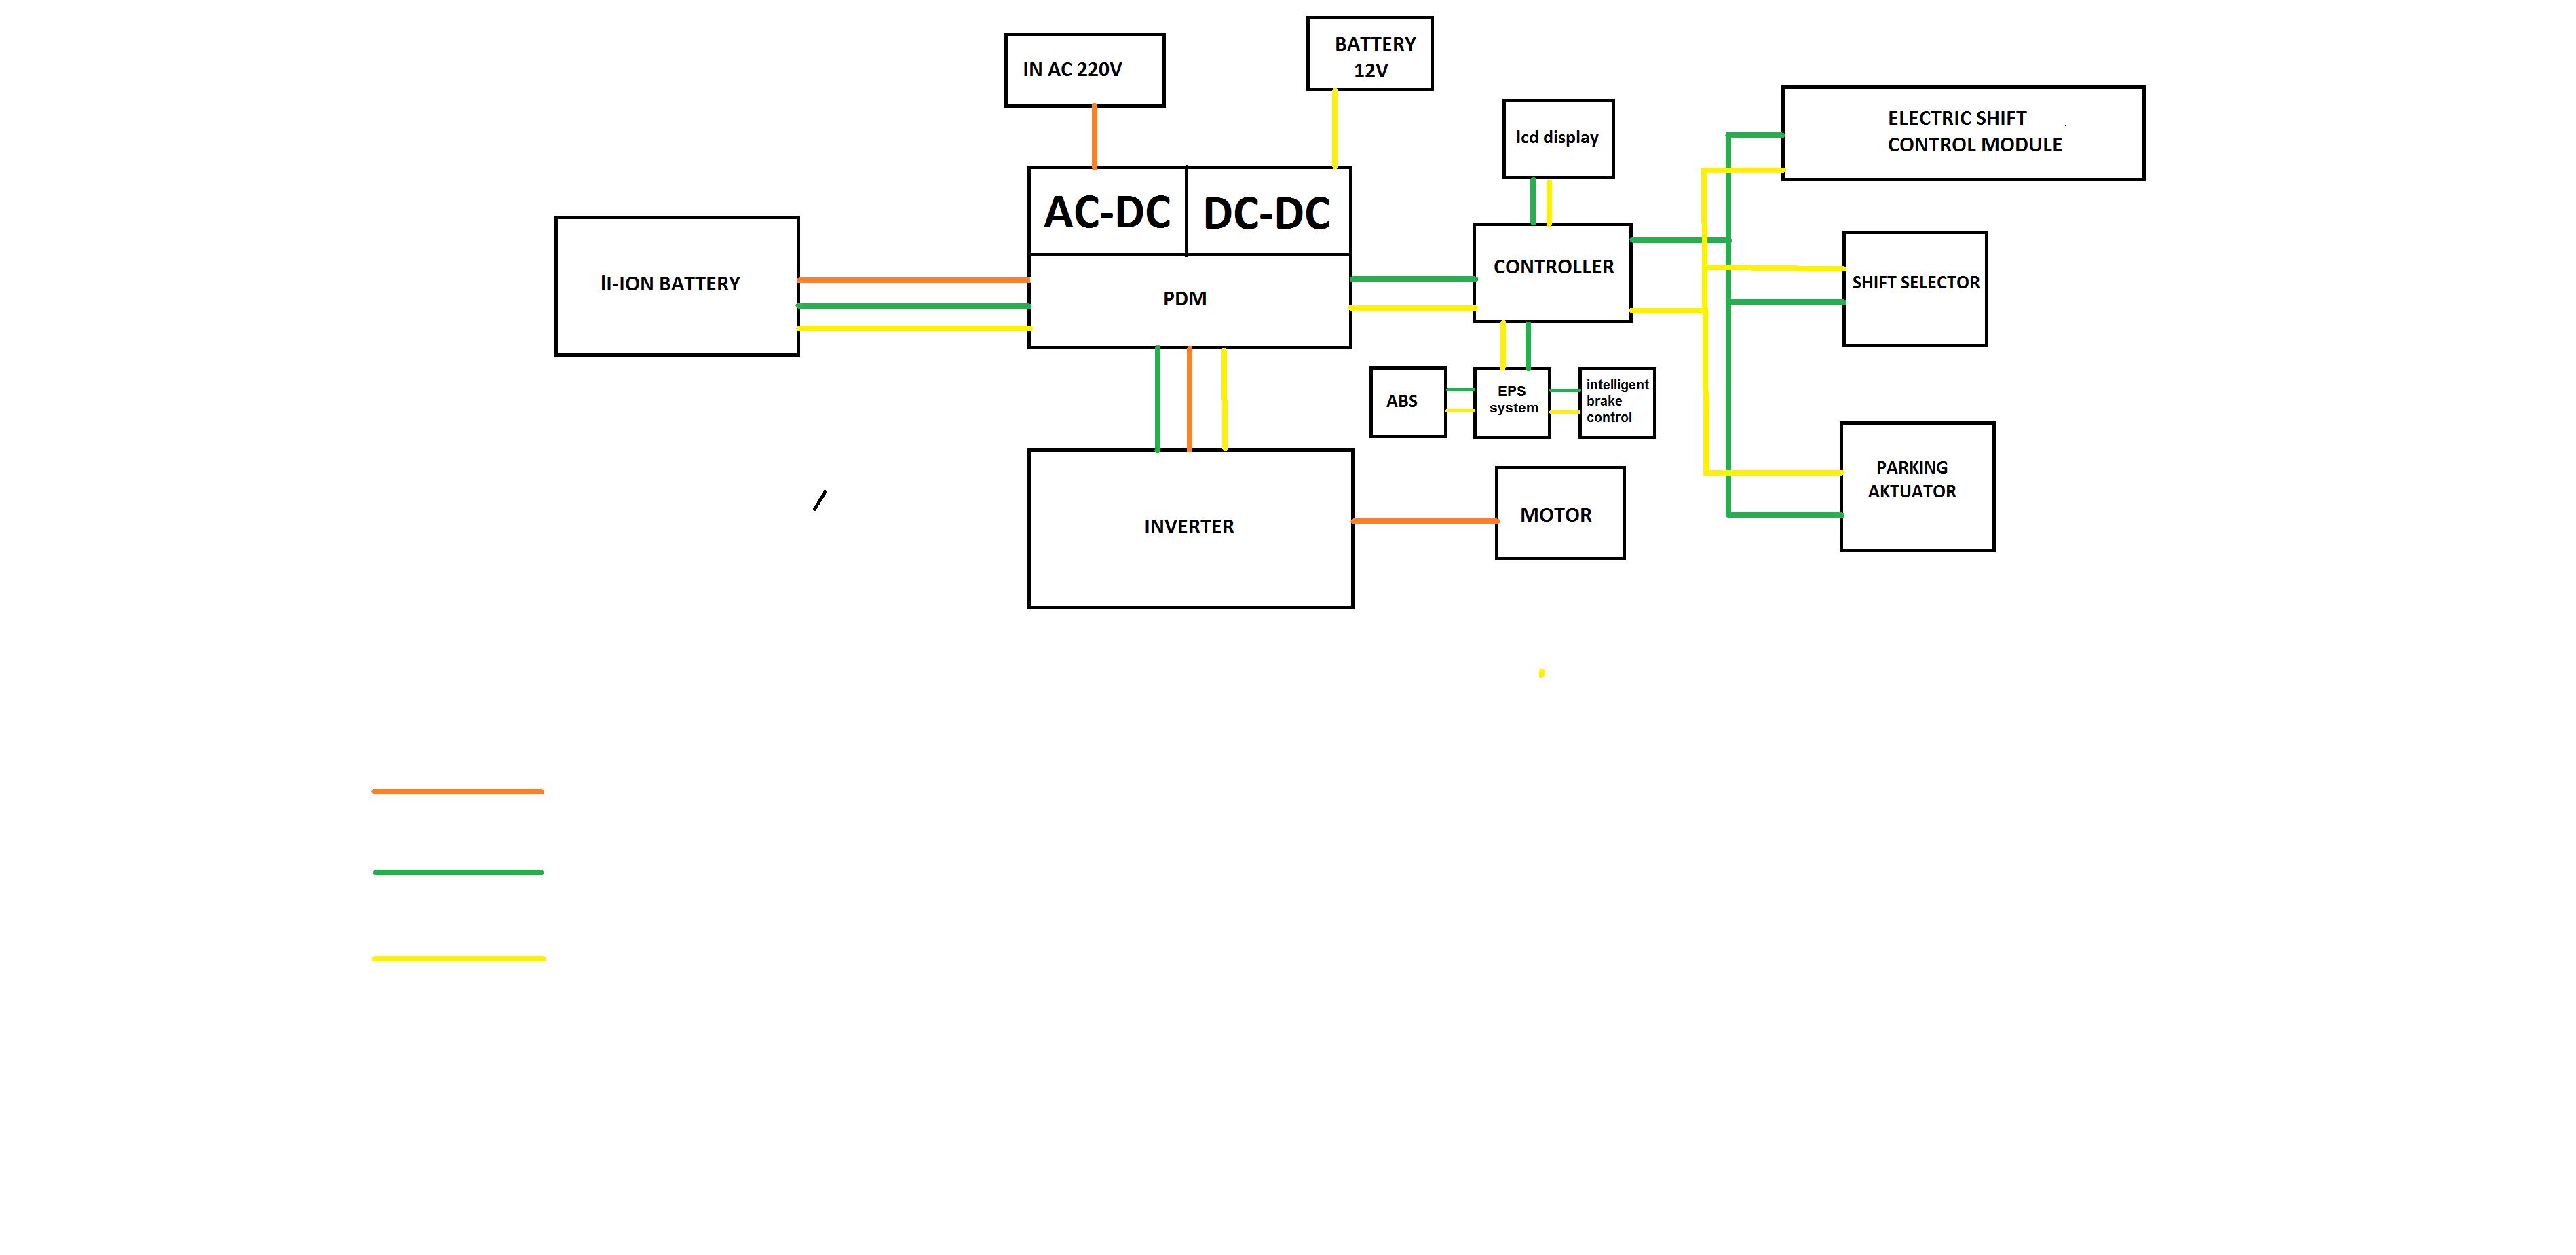 блок схема электронных блоков багги сделанной своими руками